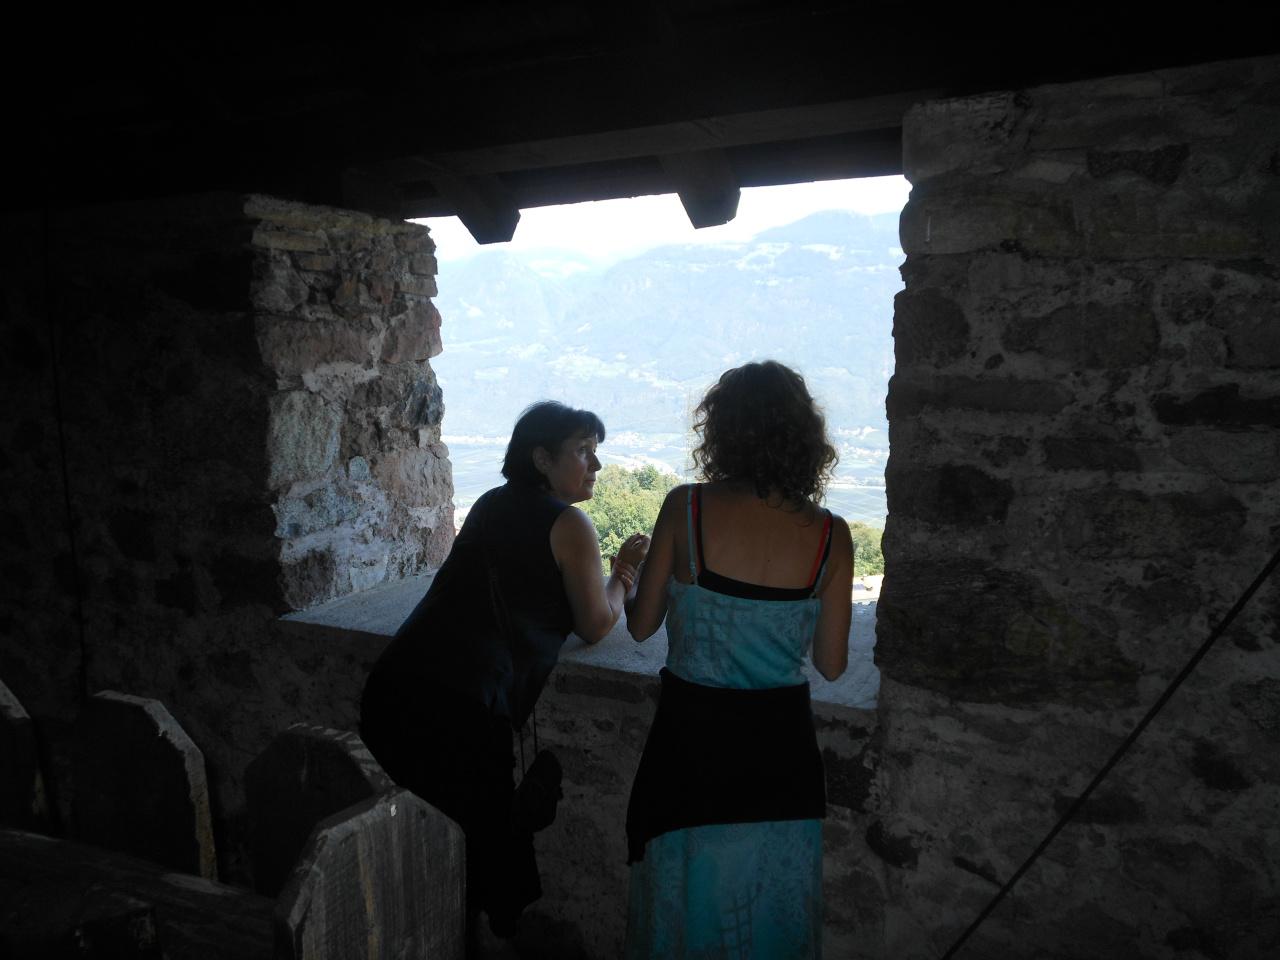 Met Elfi Gabrieli bij ruïne kasteel in Lana. Ze vertelt me hier hoe men elkaar bij gevaar met vuren waarschuwde via de kastelen boven het dal.